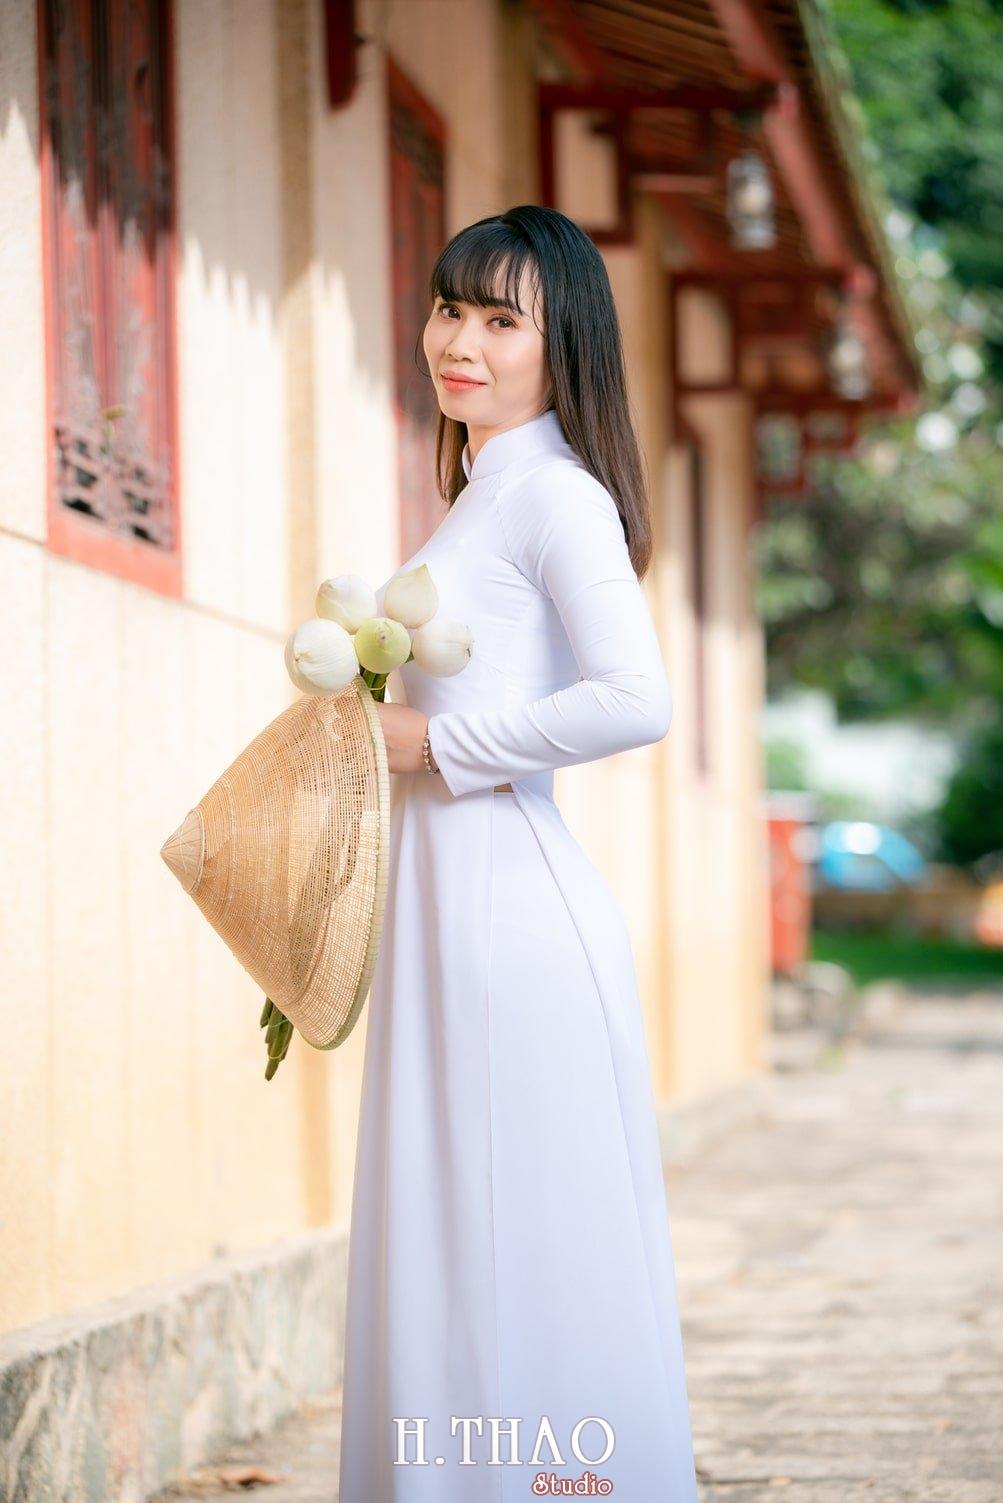 Ao dai viet nam 2 - Album áo dài tím, áo dài trắng thướt tha trong gió - HThao Studio